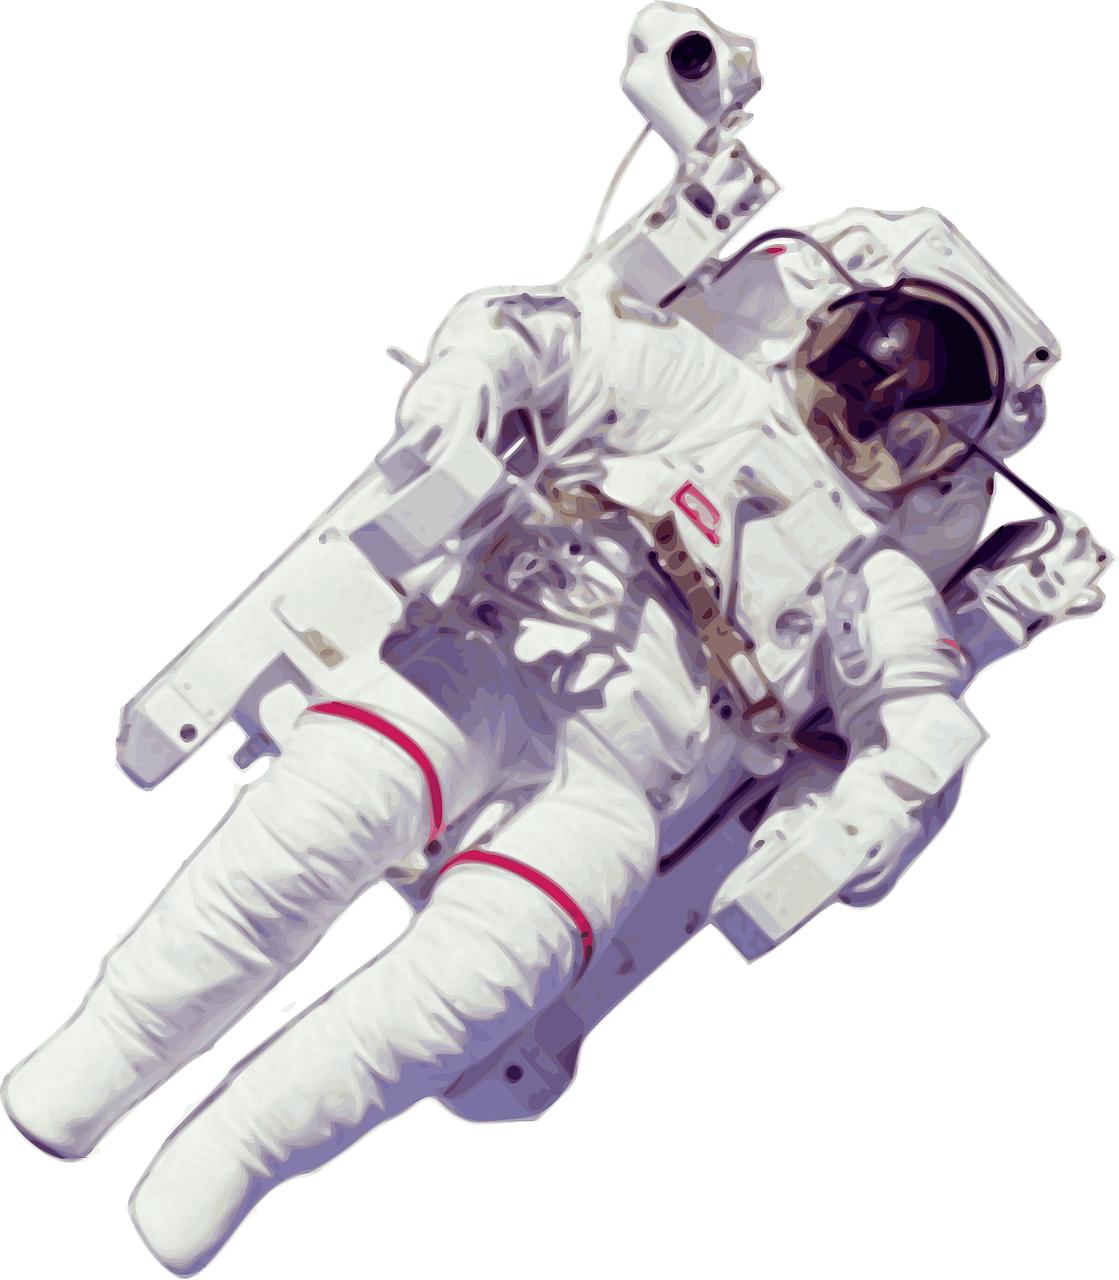 космонавт, космос, рисунок